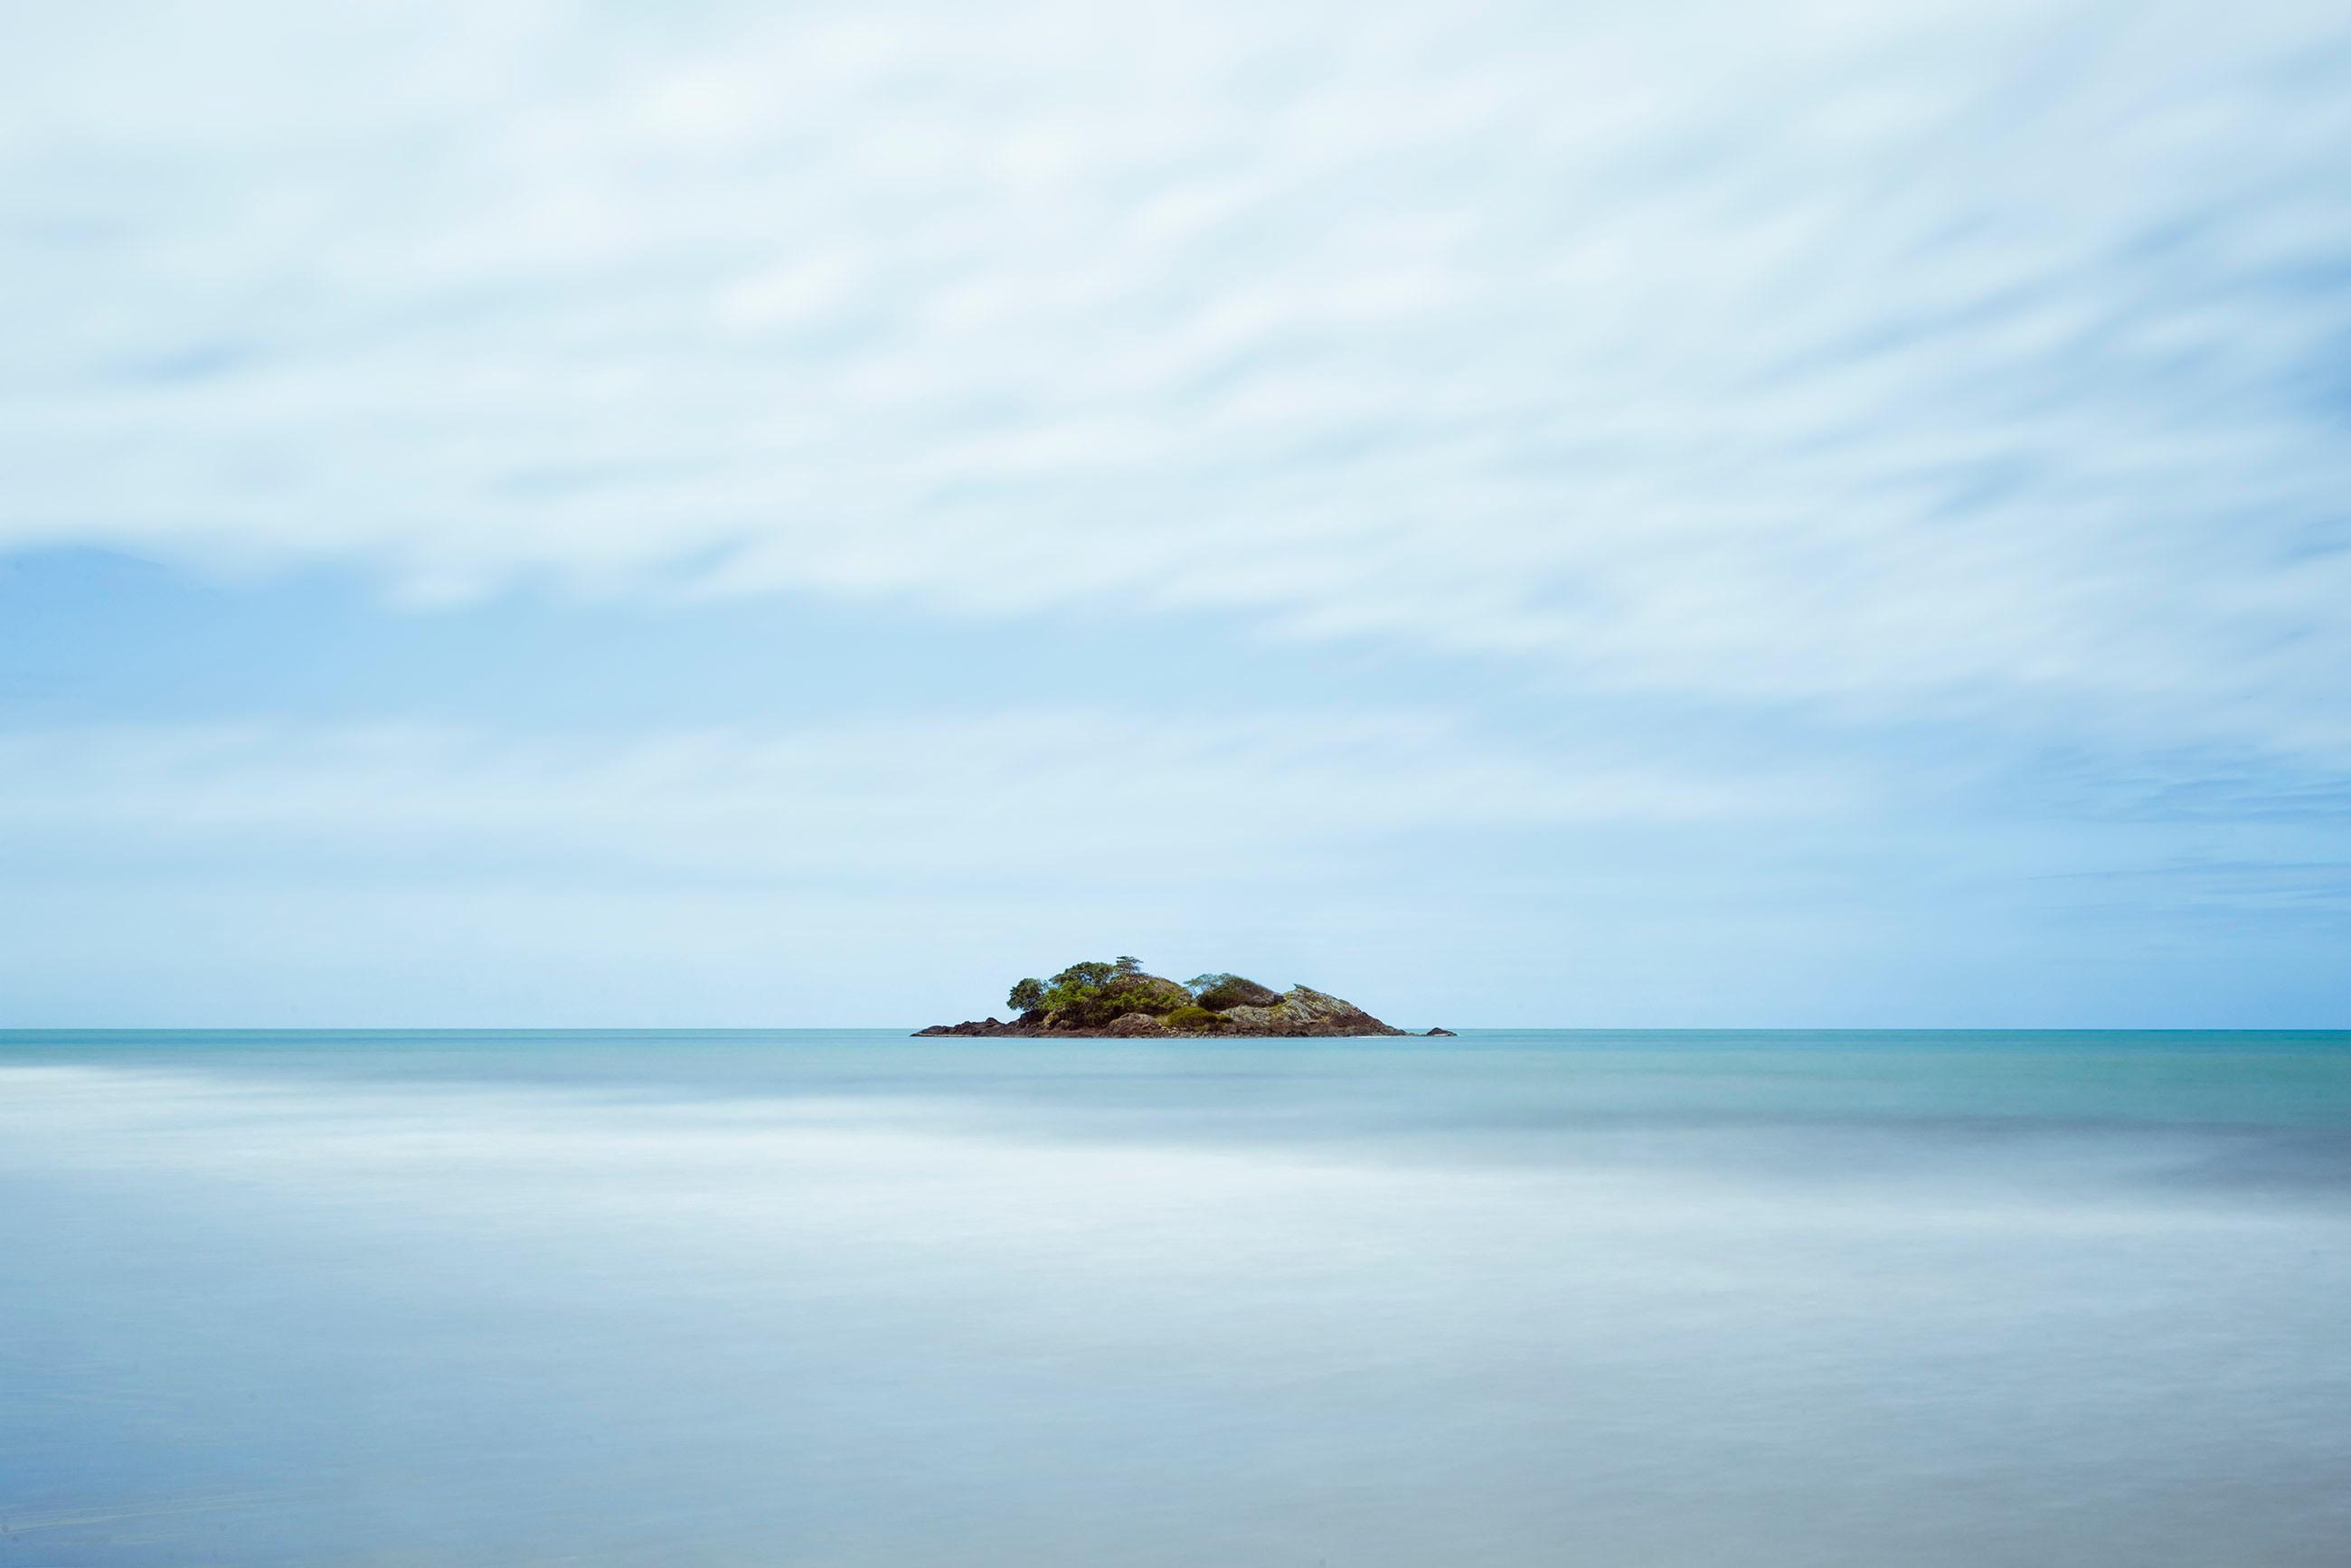 Urlaub ohne Massentourismus - Besondere Reiseziele